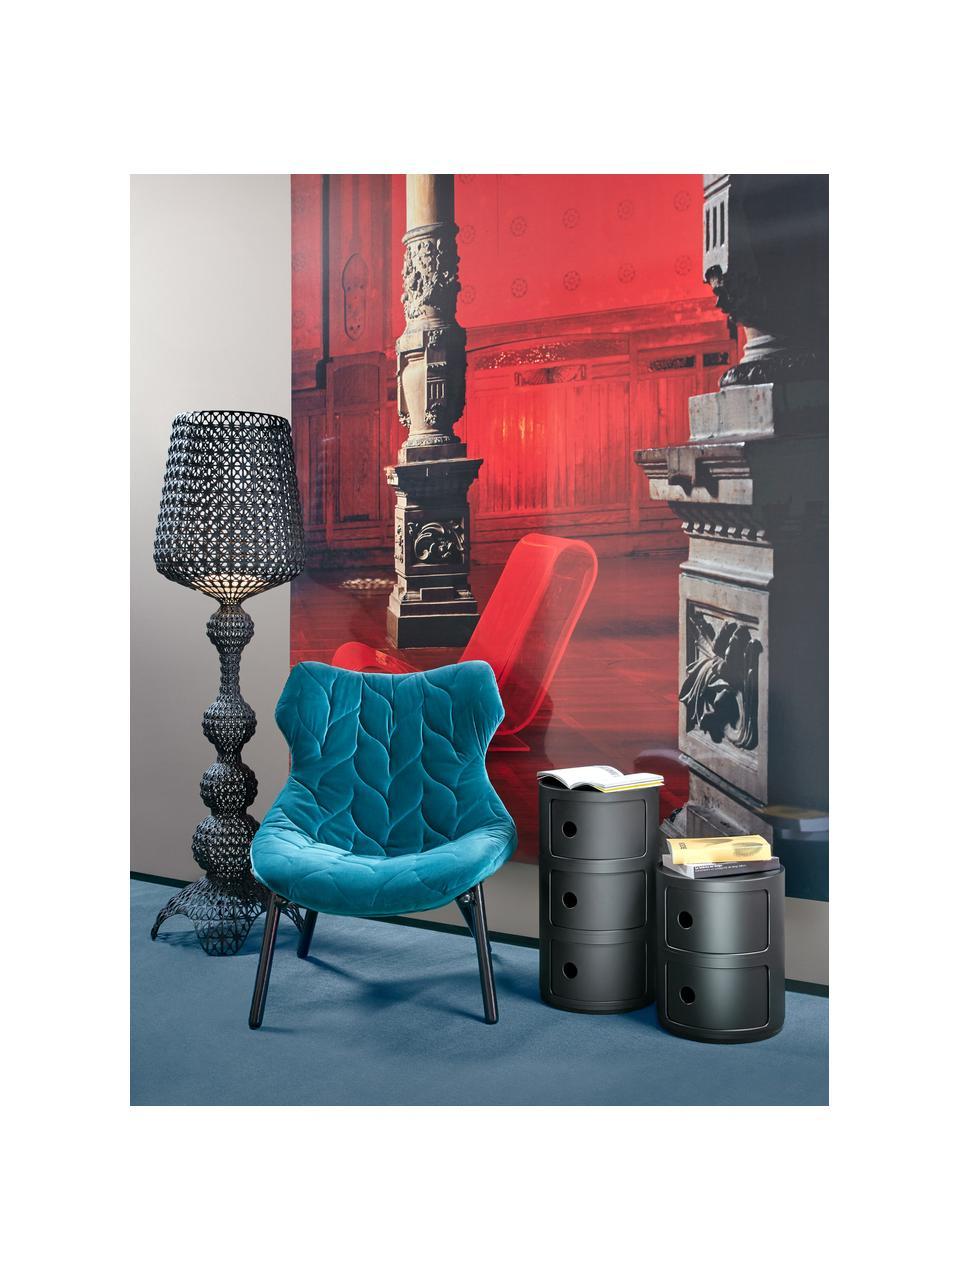 Stolik pomocniczy Componibili Recycled, Termoplastyczny technopolimer z recyklingowych odpadów przemysłowych, Czarny, matowy, Ø 32 x W 59 cm